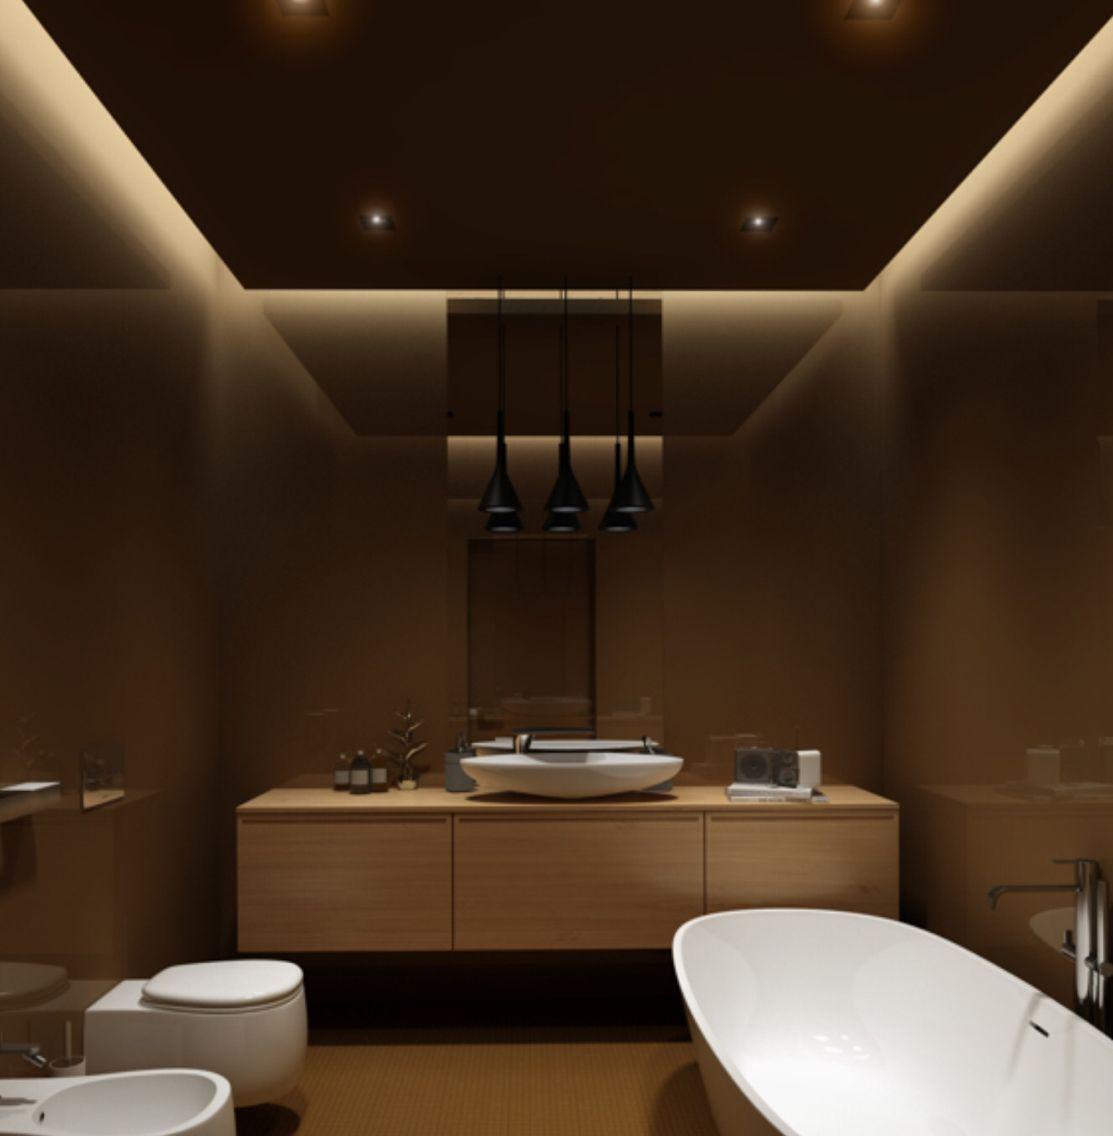 Modern bathroom ceiling design - 75 Projetos De Banheiros De Luxo Fotos